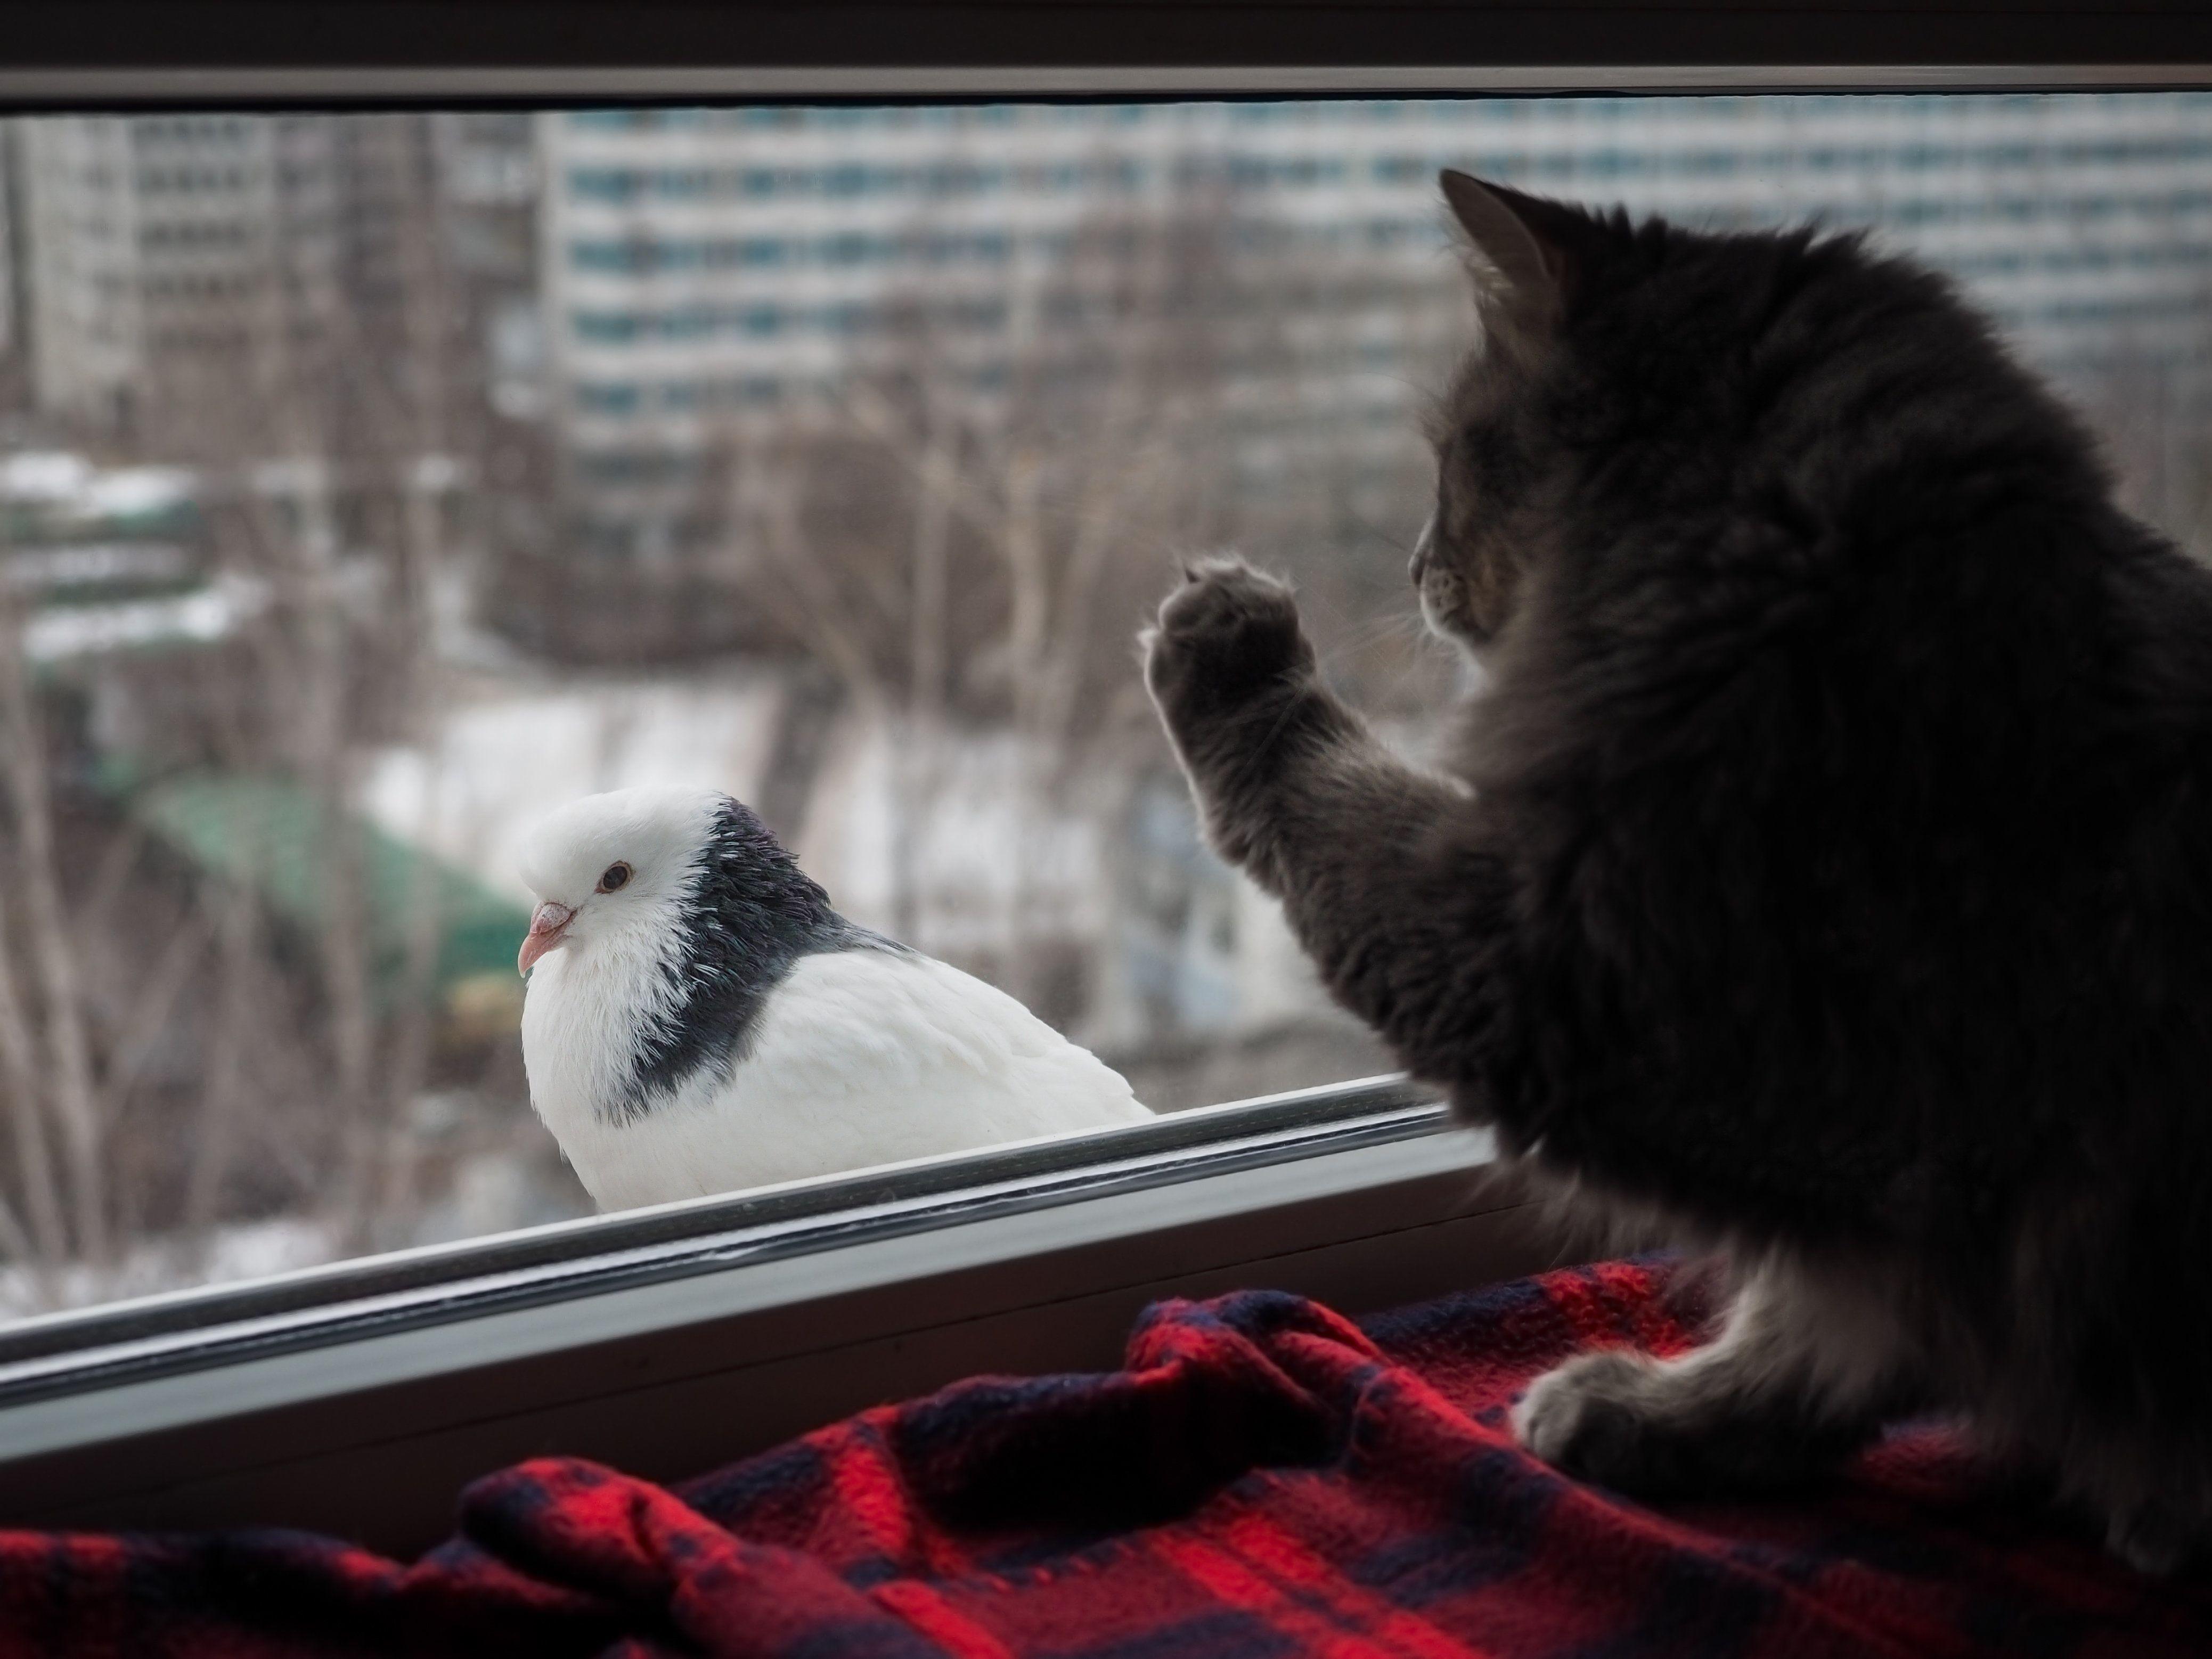 Голубь сел на подоконник за окном: примета, к чему прилетел и смотрит с улицы